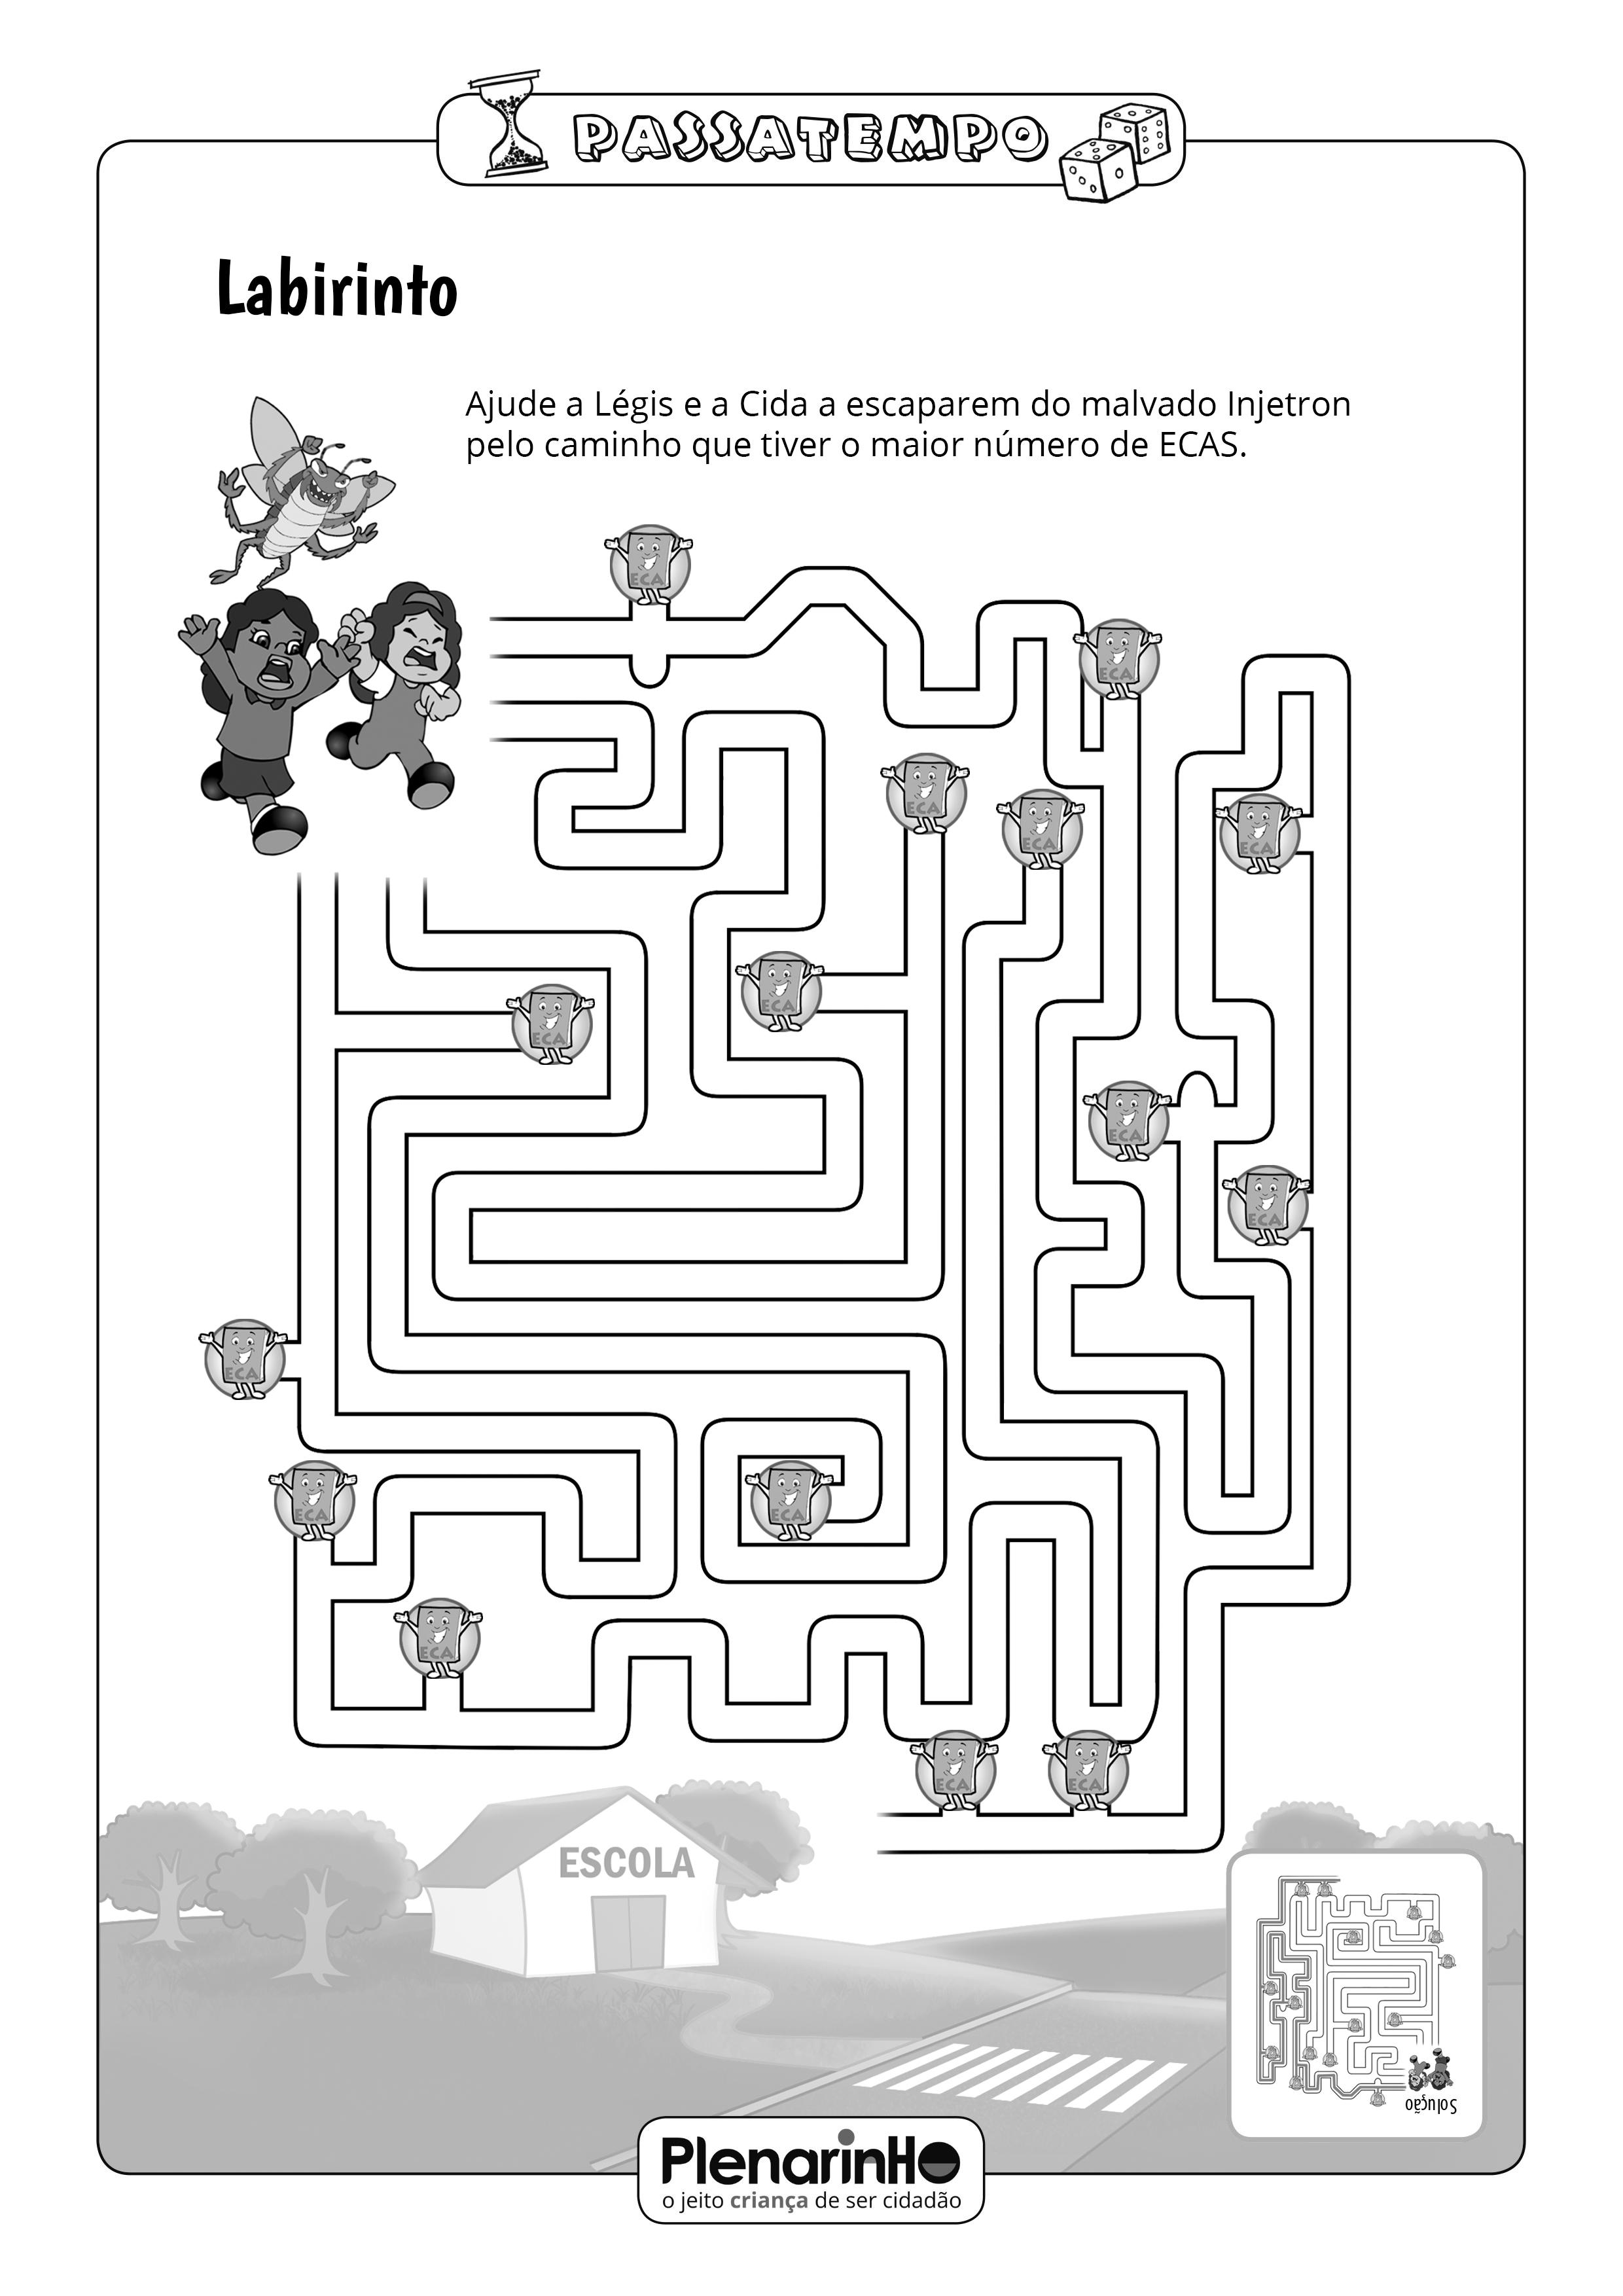 labirinto-eca